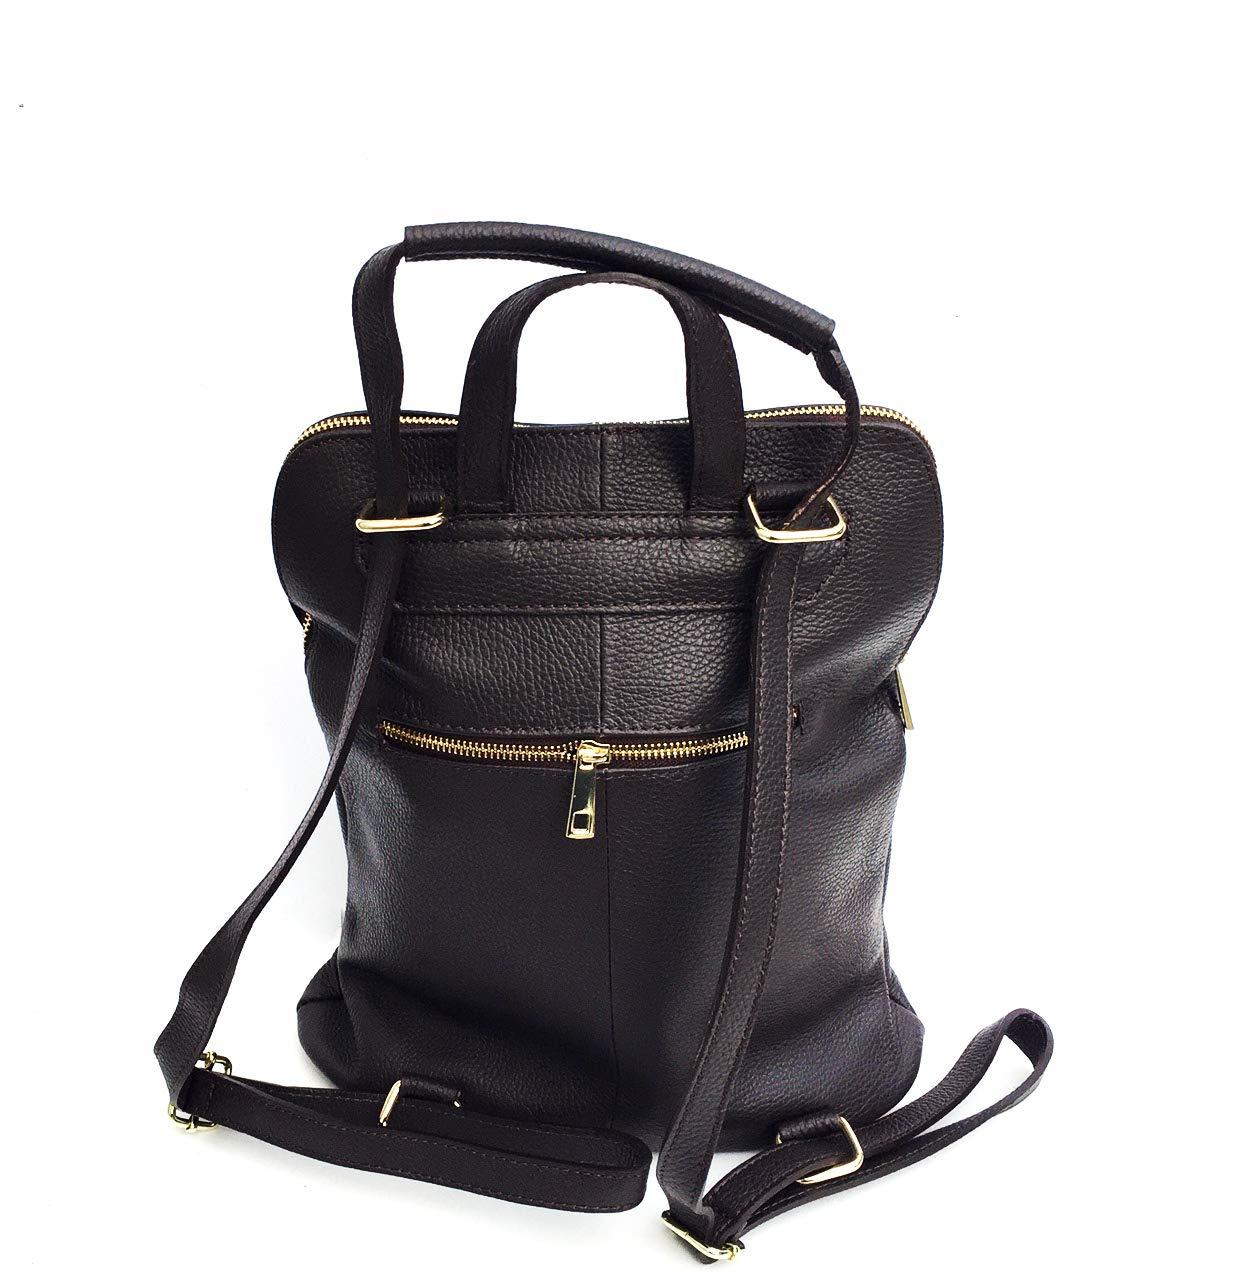 Superflybags handväska modell Caltanisetta superflybags axelväska eller ryggsäck i äkta läder tillverkad i Italien Mörkbrun